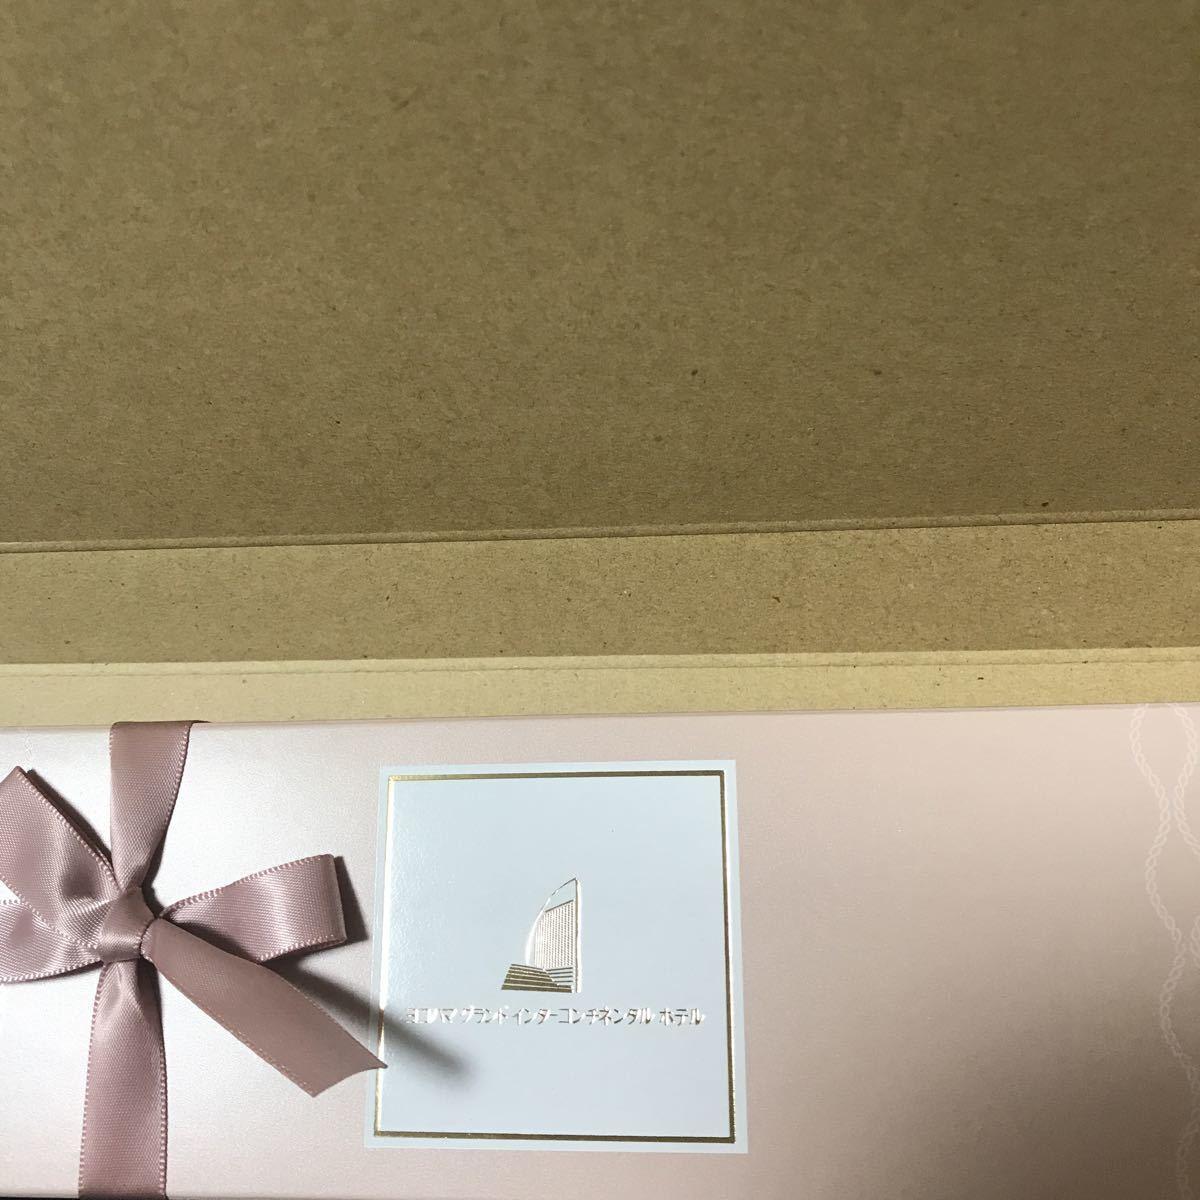 ★1円スタート!ヨコハマグランドインターコンチネンタルホテルチョコ入りお菓子詰め合わせ お買い得 格安 送料210円★_画像2